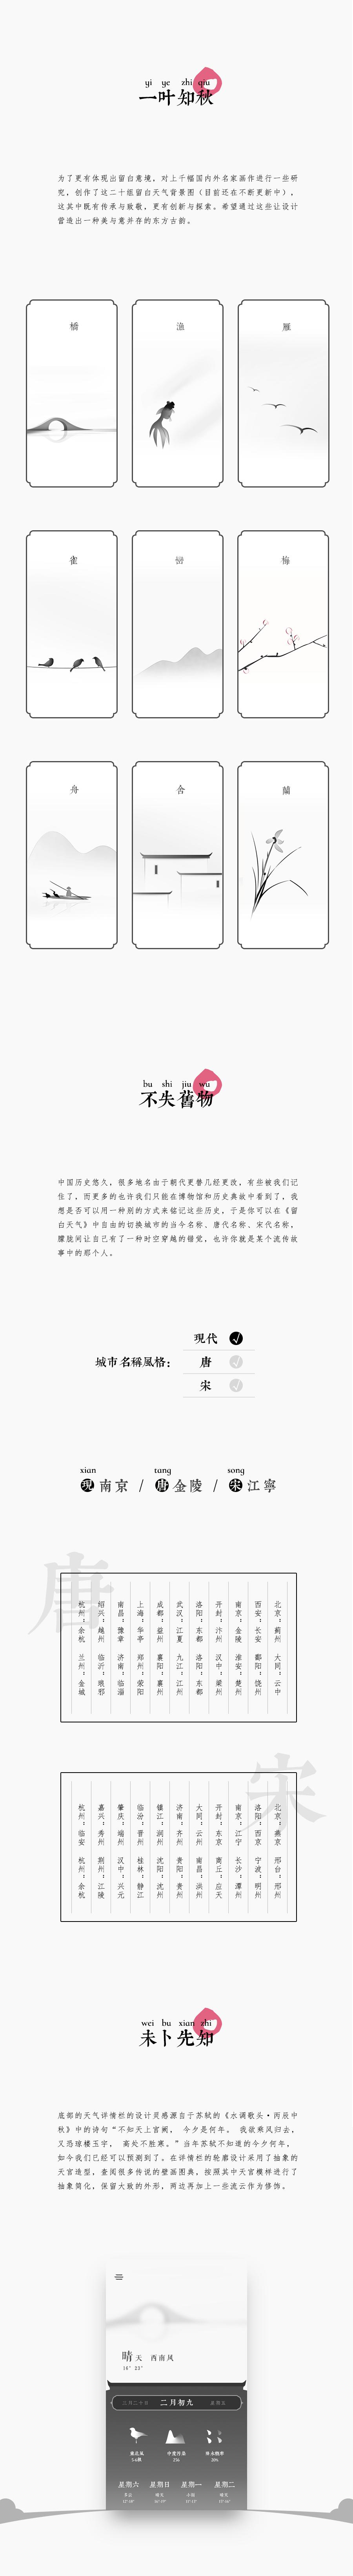 中国风天气APP